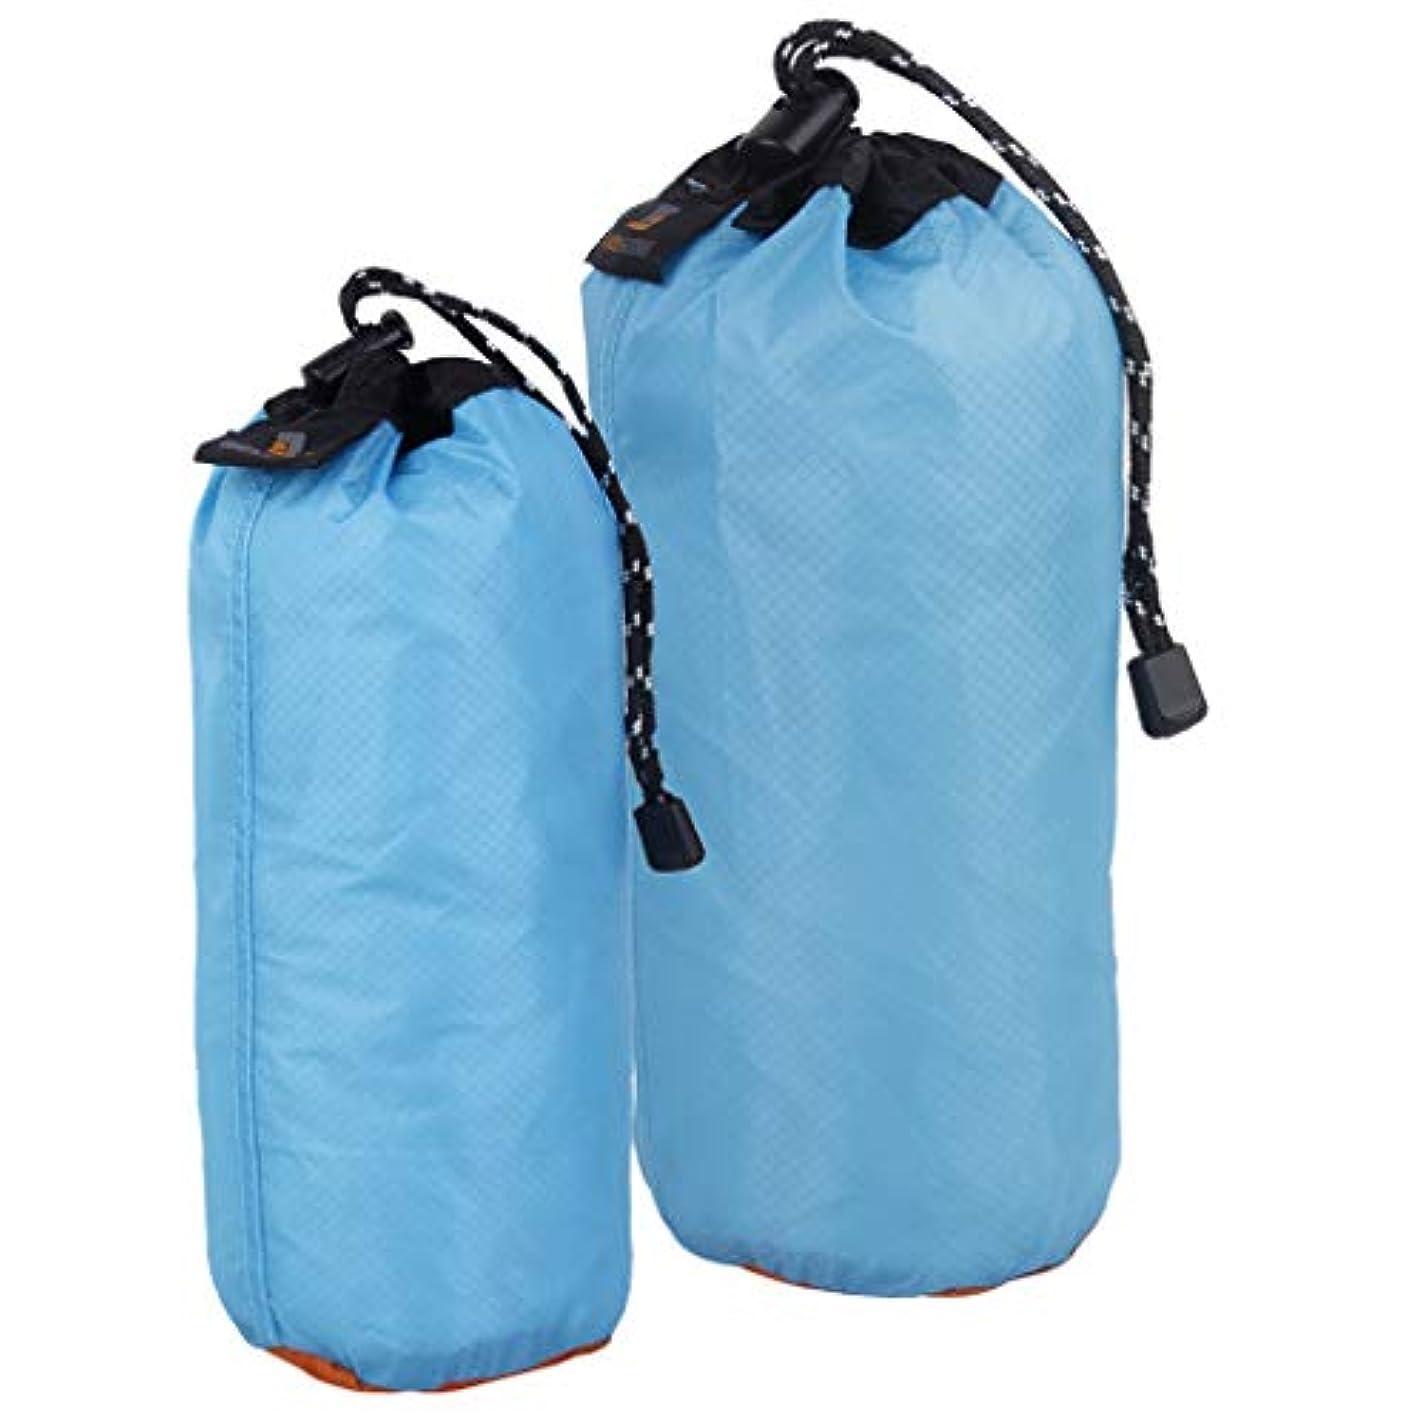 乗り出すに応じてラショナルperfk ナイロン 2個 超軽量 巾着袋 ポーチ ビーチ スイミング キャンプ 旅行